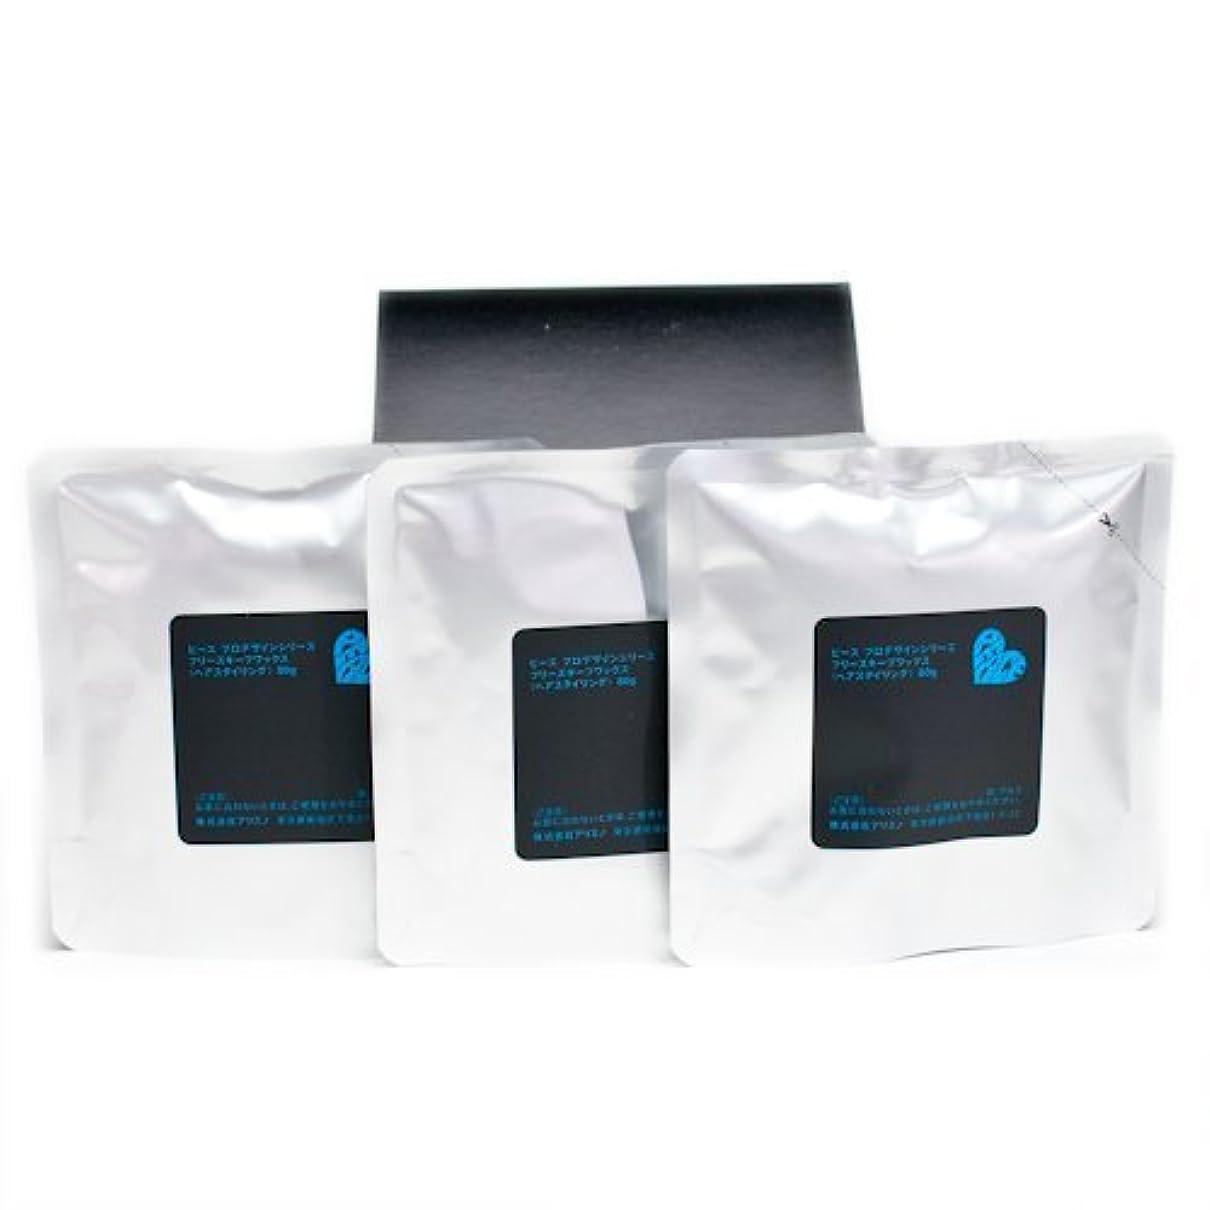 破滅ビジター改修するアリミノ ピース フリーズキープワックス (ブラック)80g(業務?詰替用)×3個入り